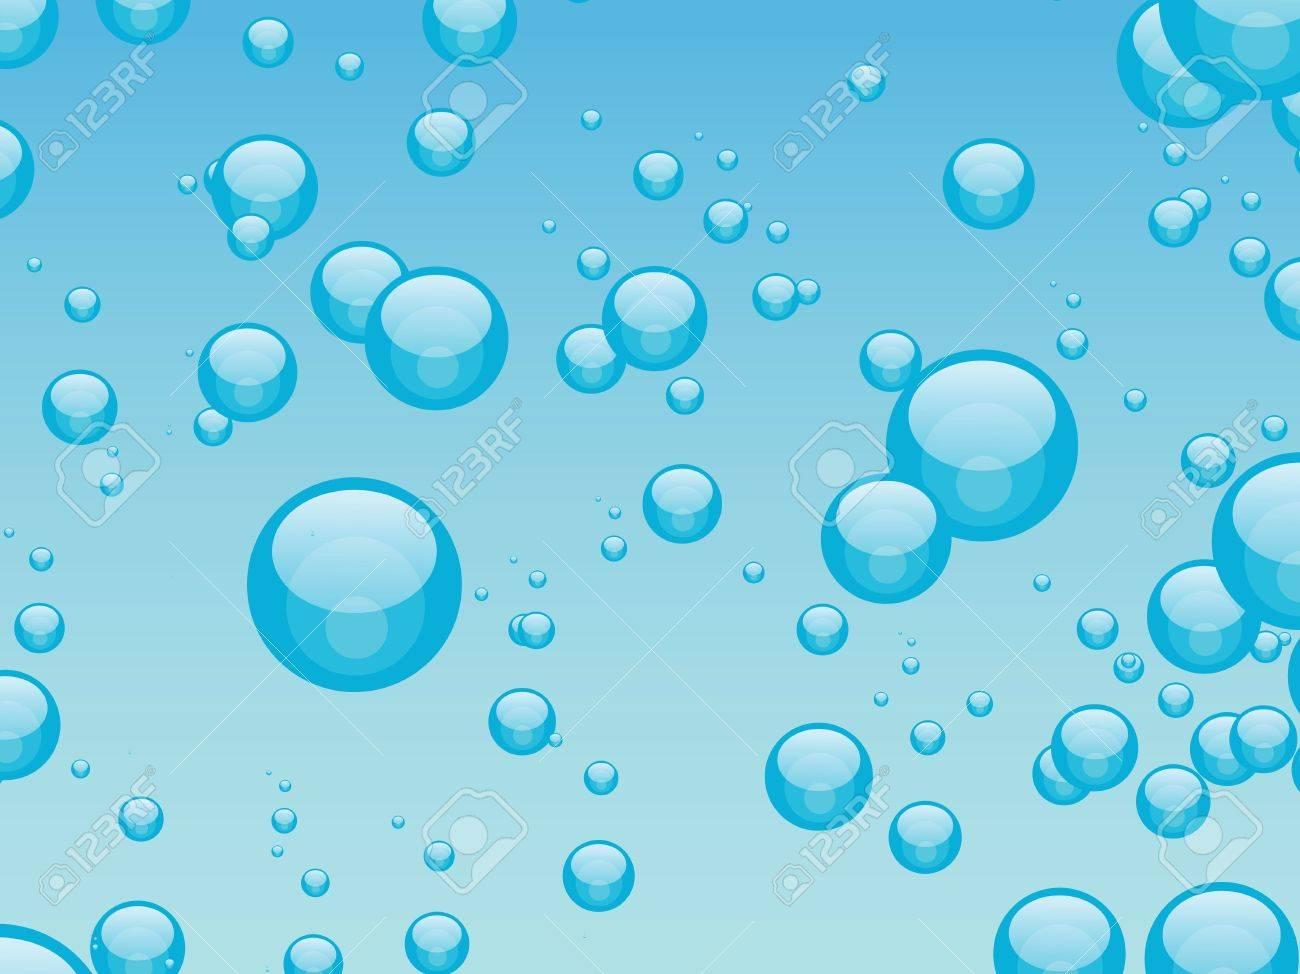 Pequeñas Burbujas De Azar En Contra De Un Gradiente De Fondo Azul